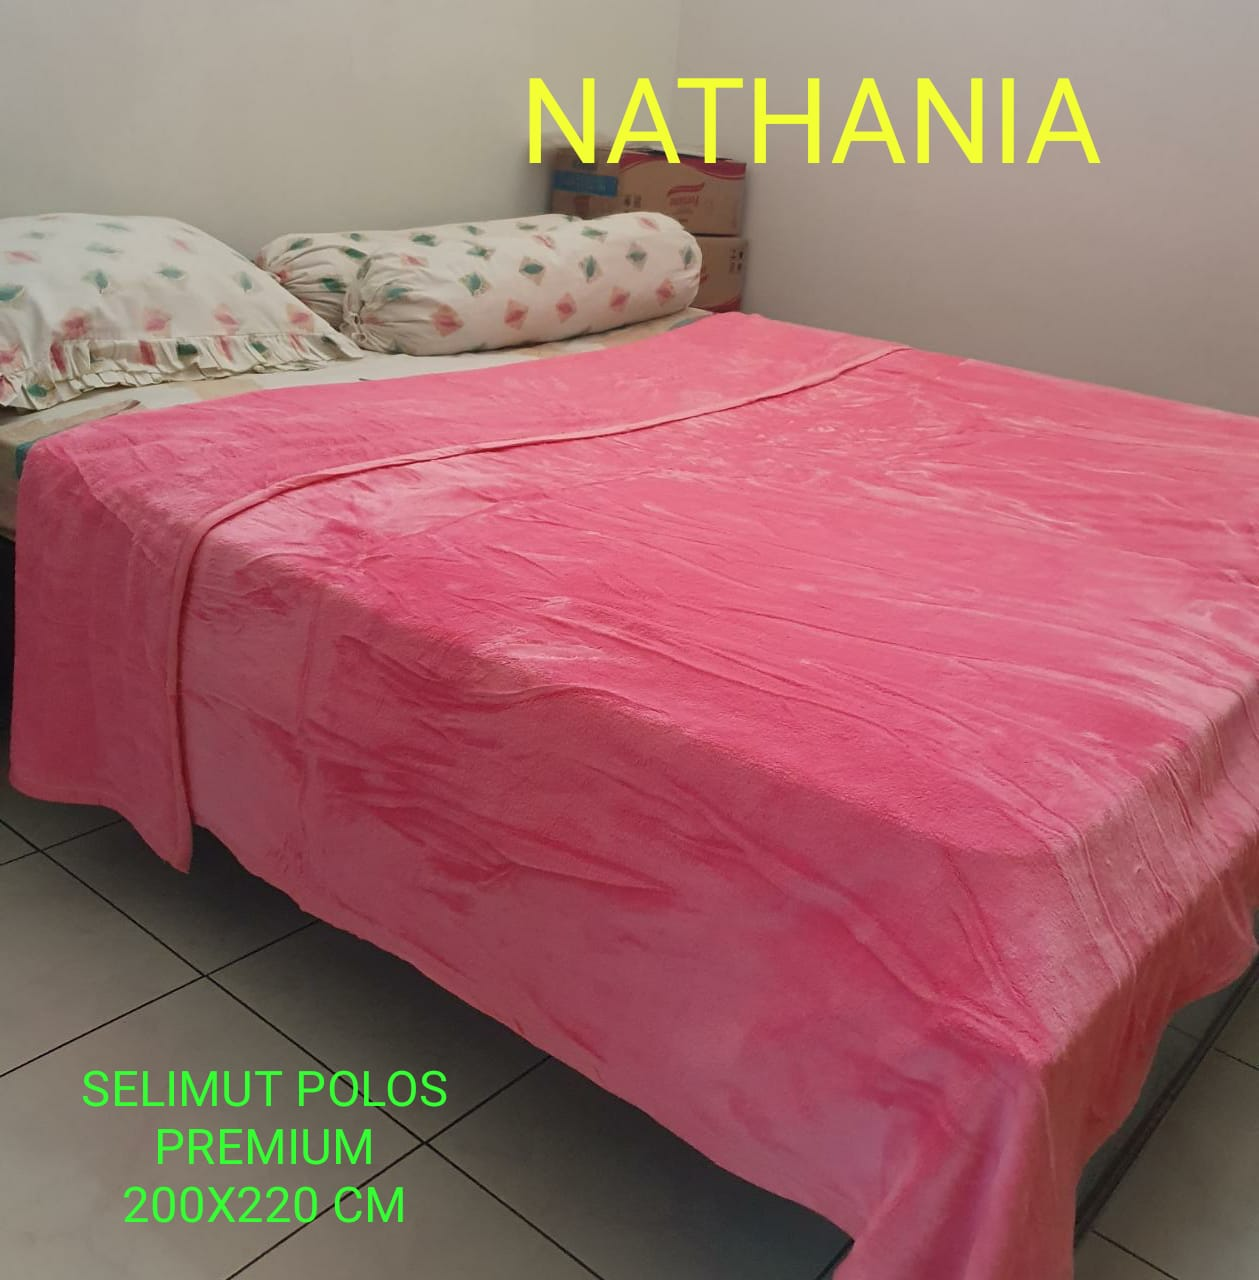 Sprei Merah Nathania